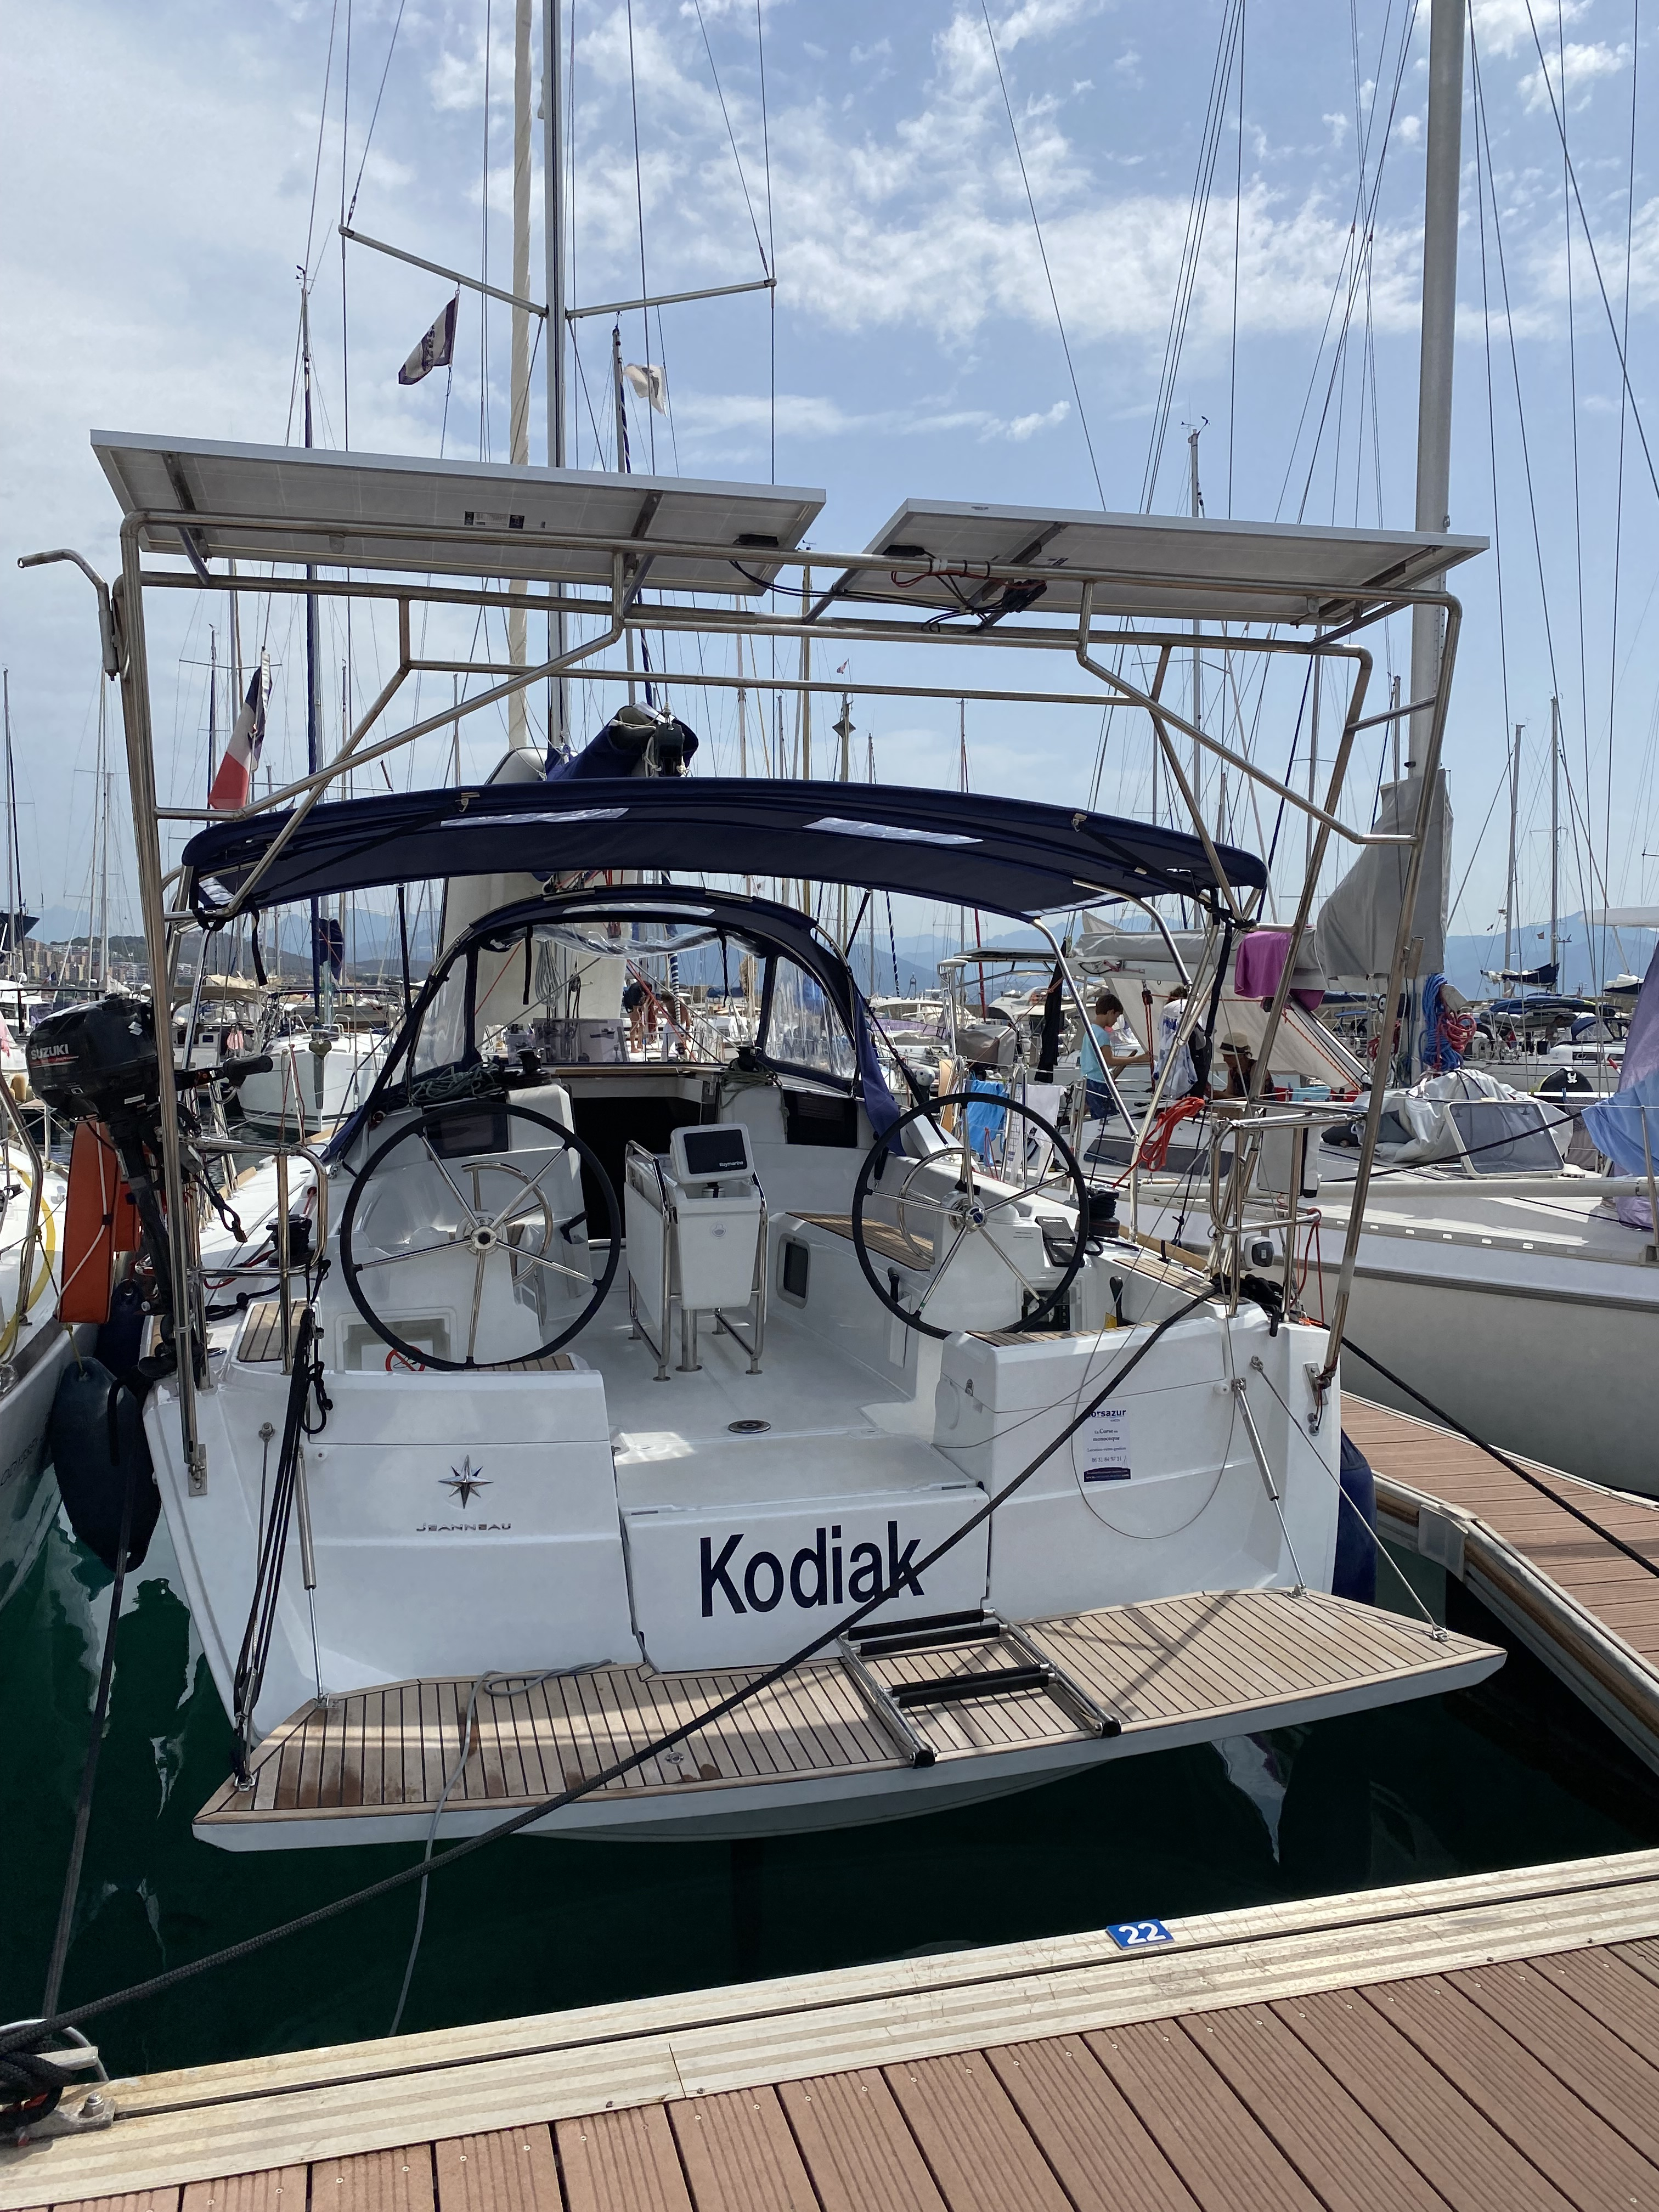 KODIAK - SUN ODYSSEY 389 -  2021 - 3 cabines + 1 sdb